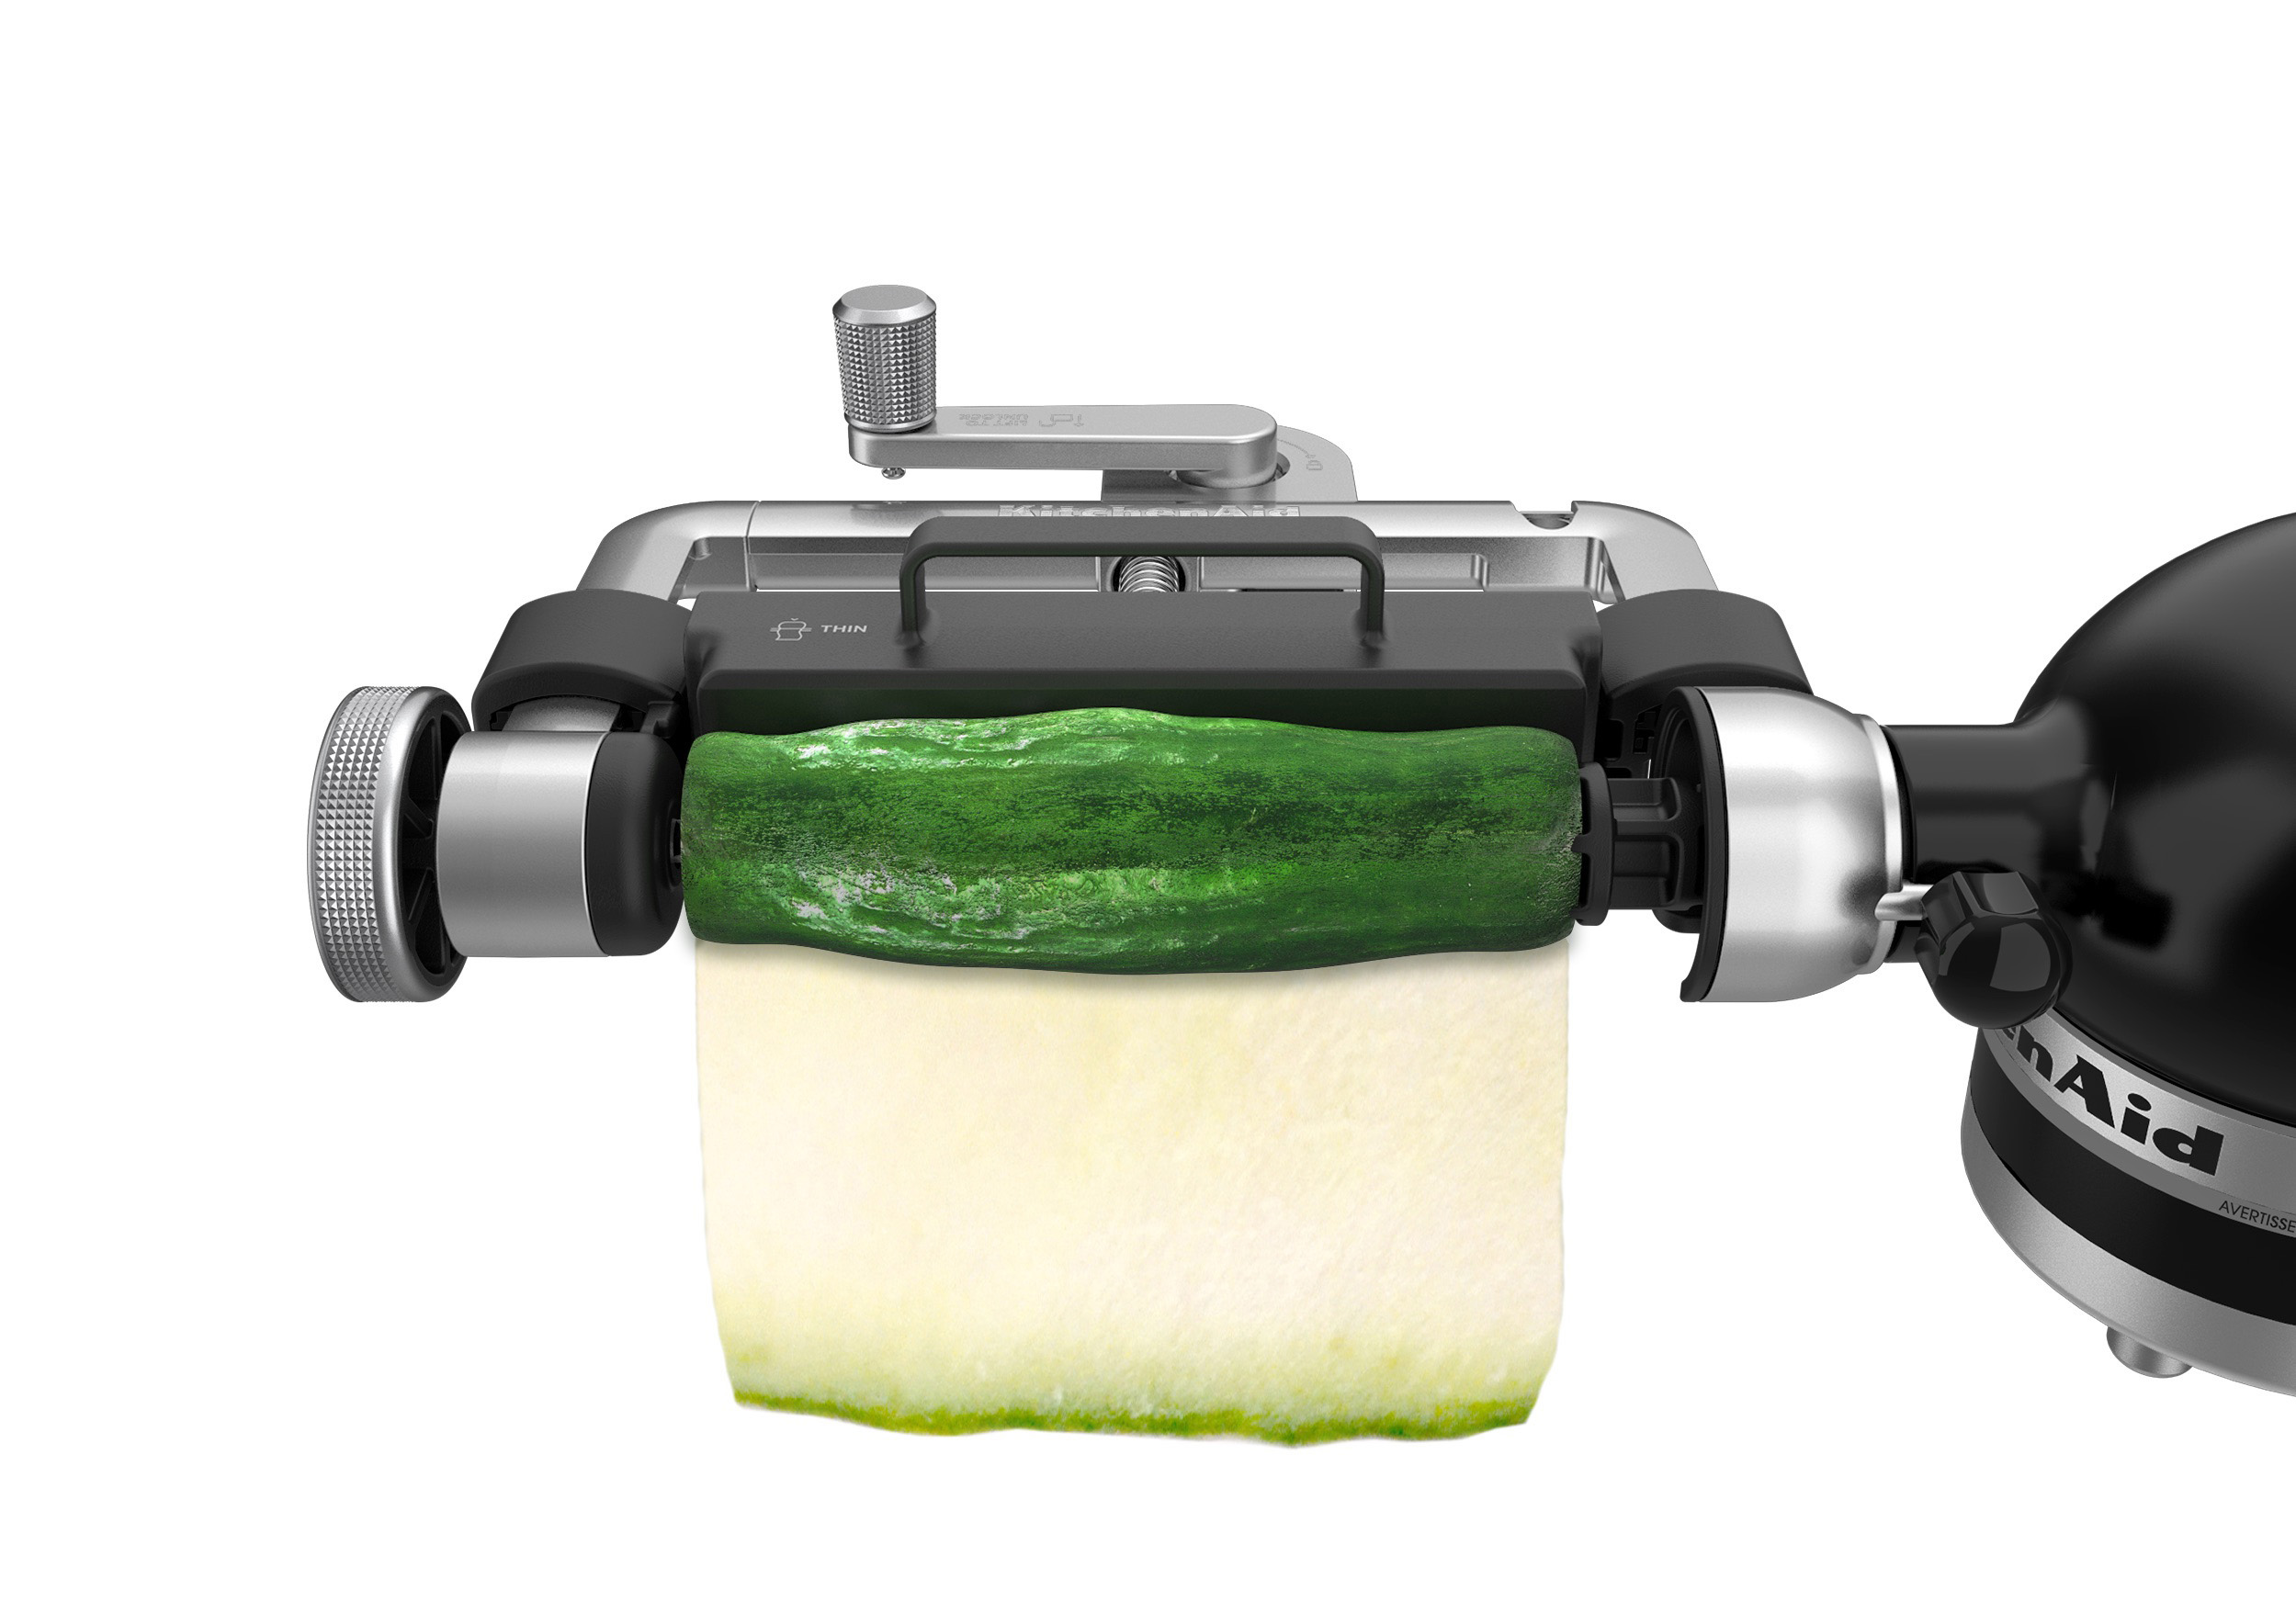 kitchenaid new attachments. new kitchenaid® vegetable sheet cutter attachment kitchenaid attachments h